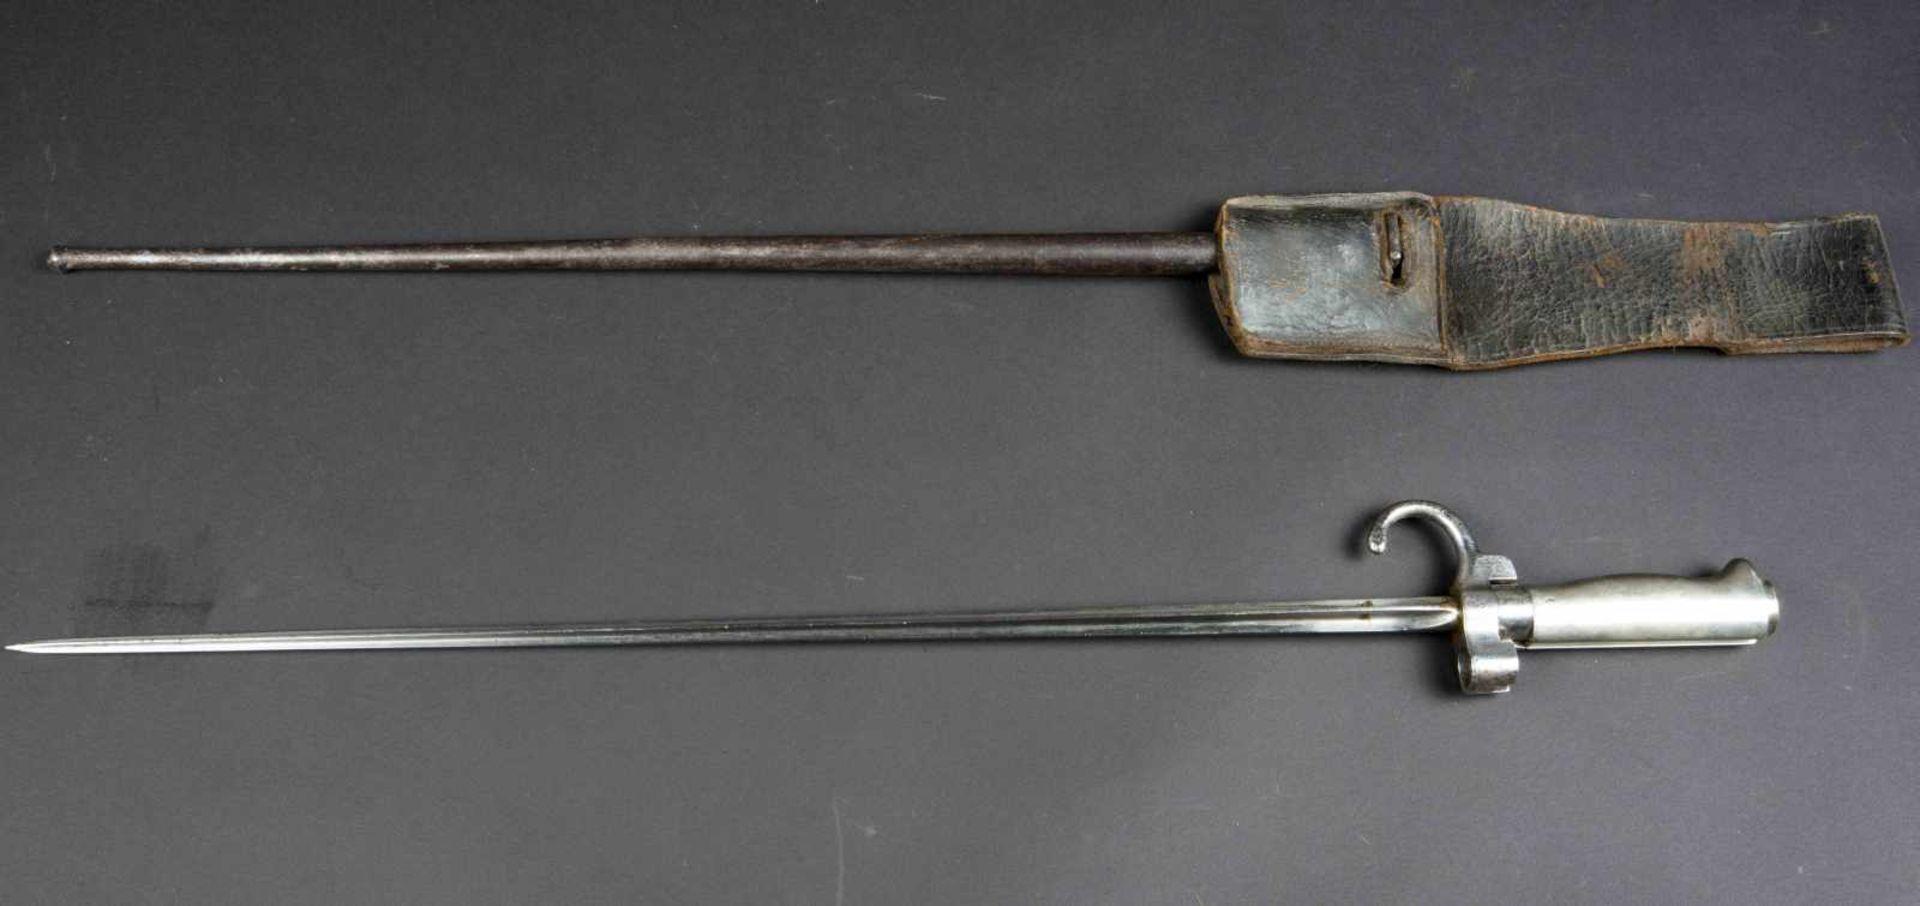 Lot de deux baïonnettes Lebel modèle 1886 poignée maillechort (bon état) avec porte-baïonnette non - Bild 2 aus 4